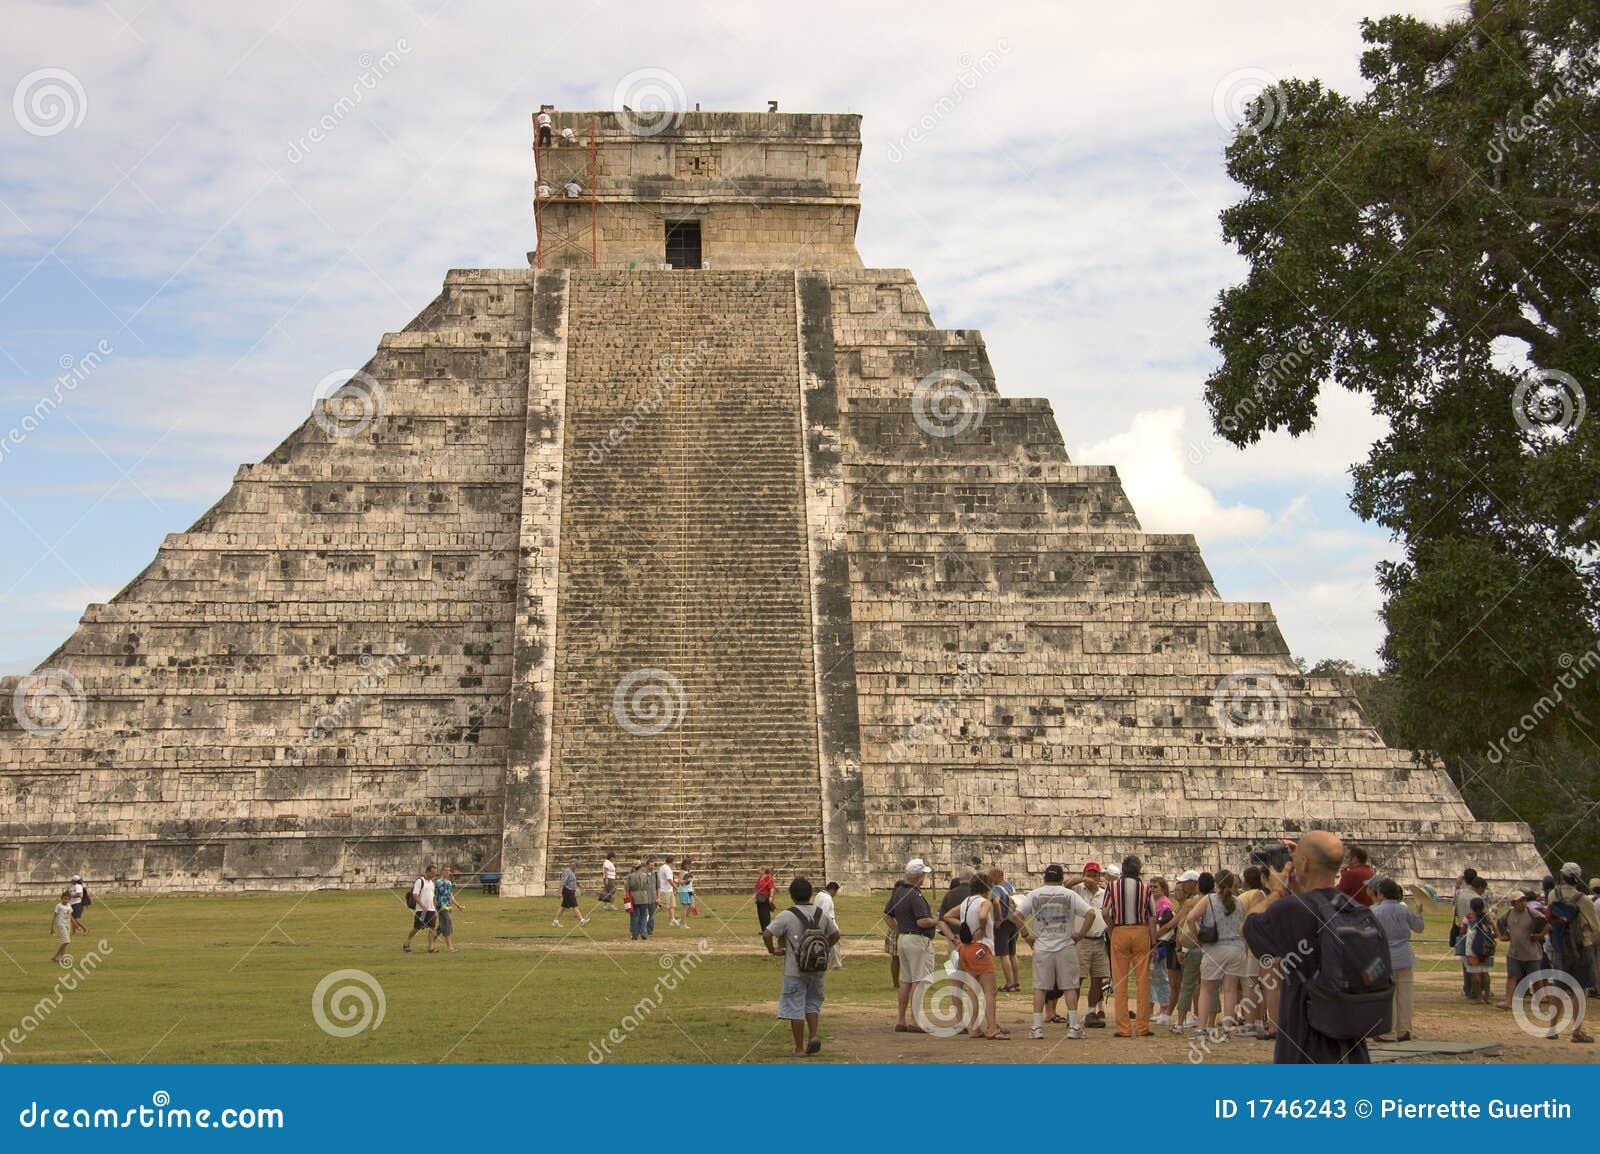 Pyramid Chichen Itza